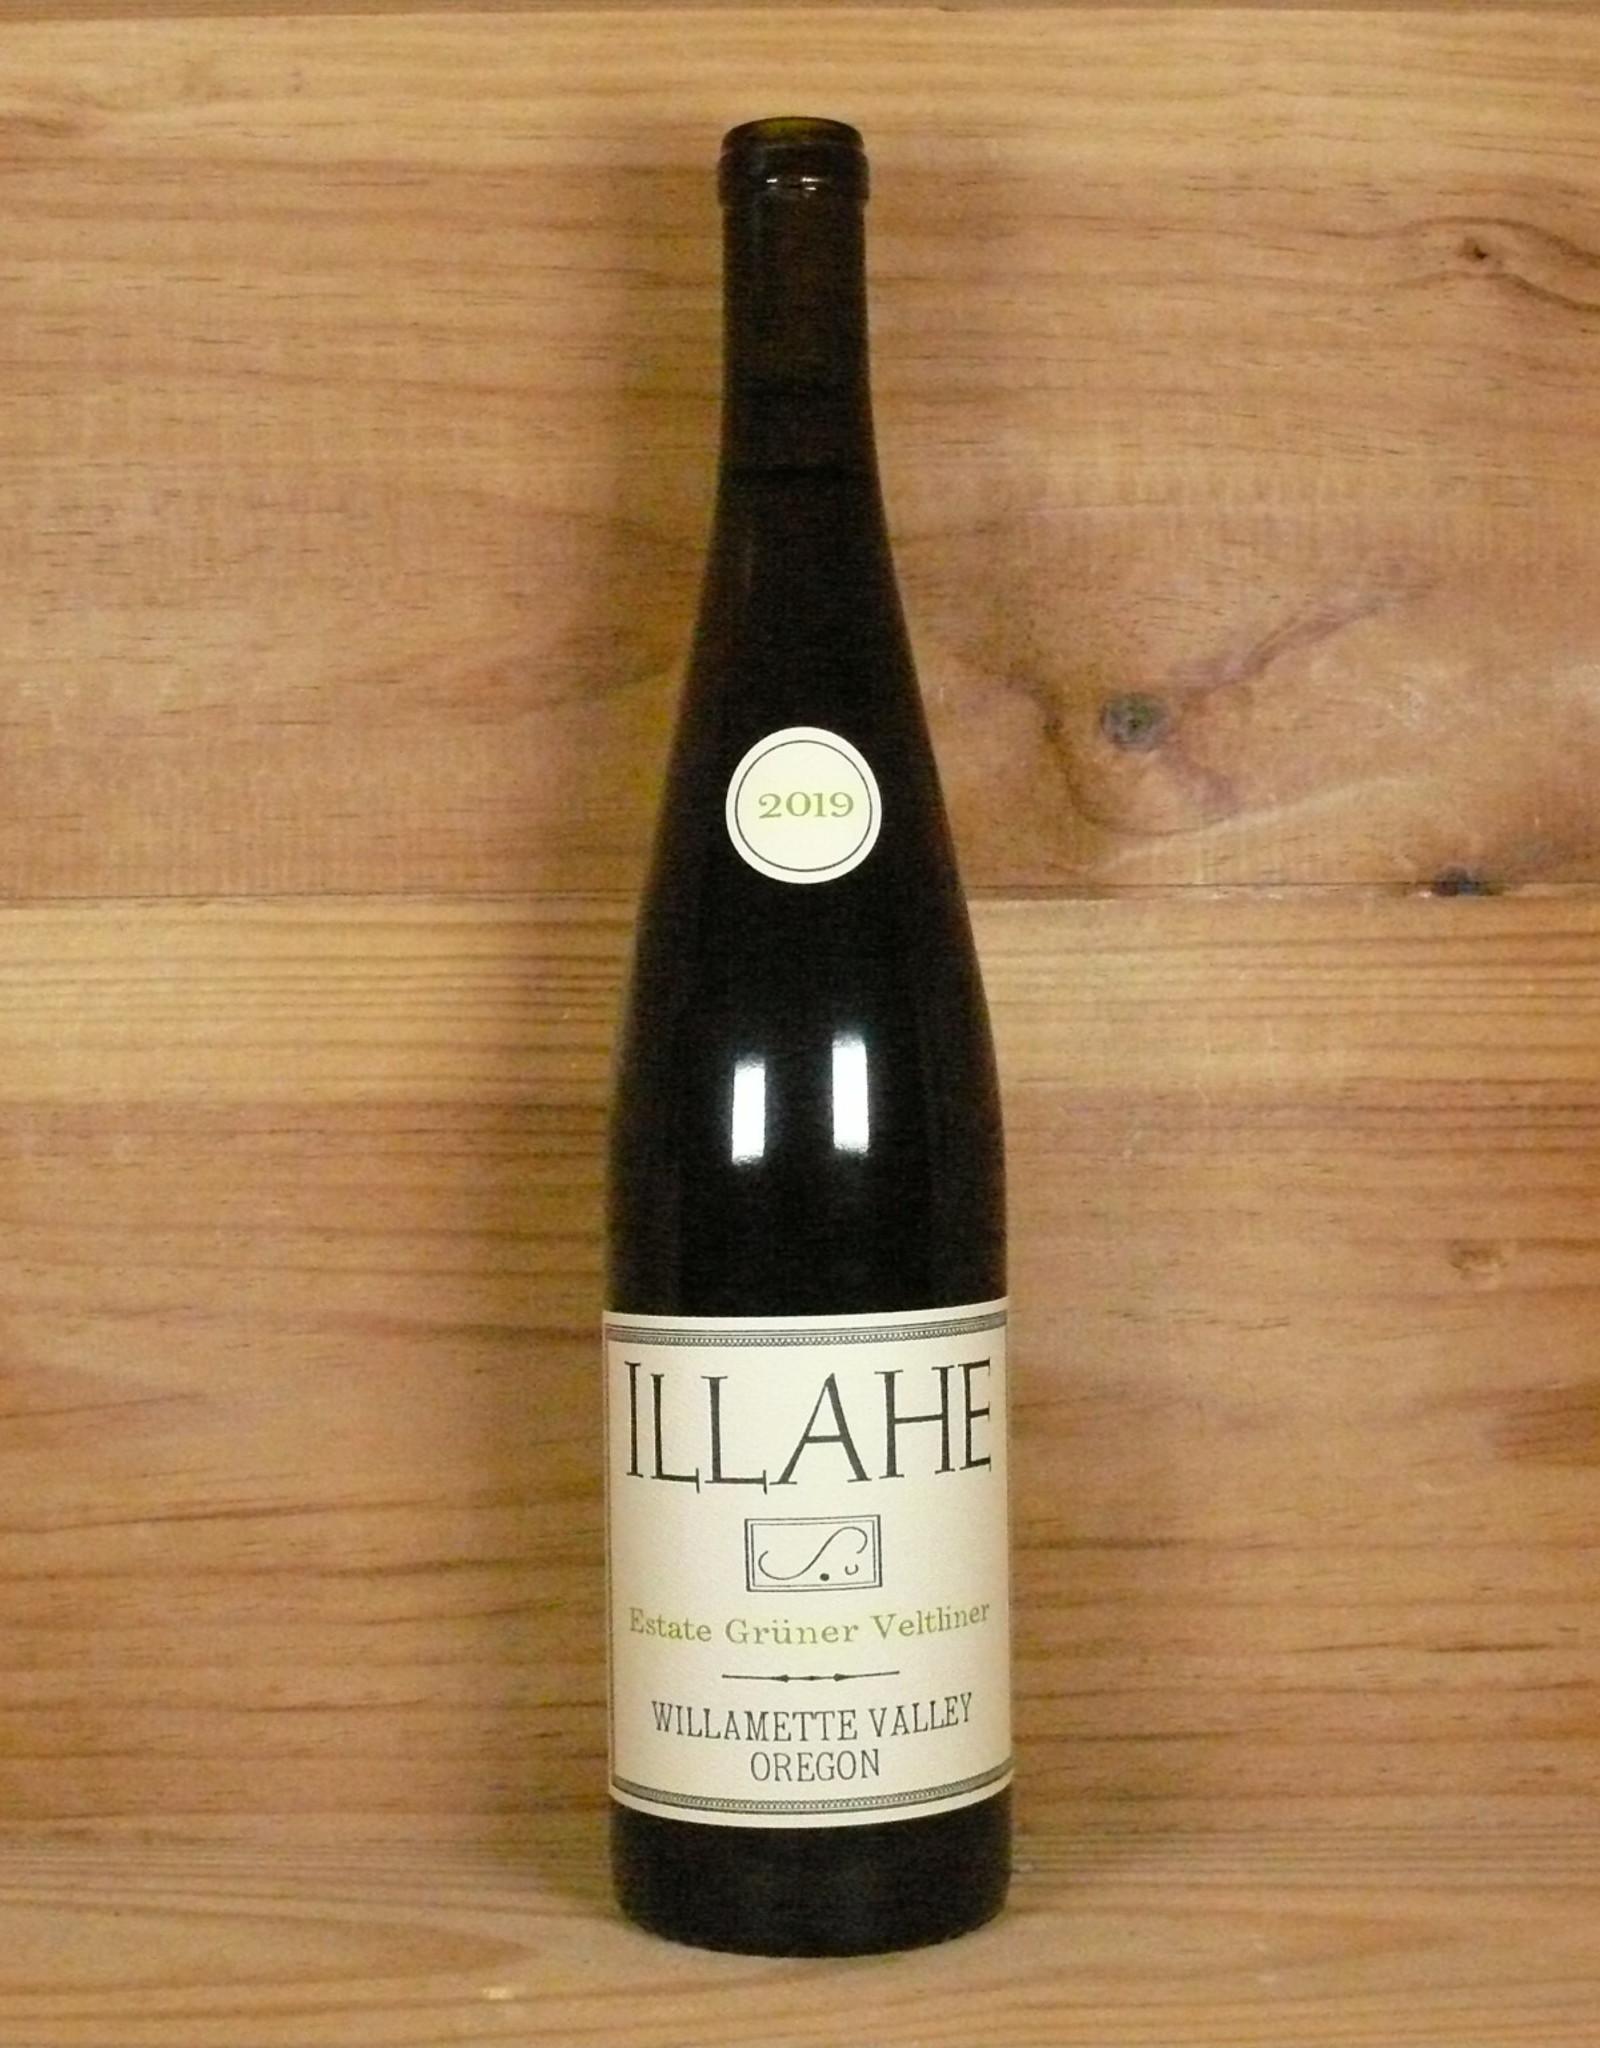 Illahe Vineyards - Grüner Veltliner 2020